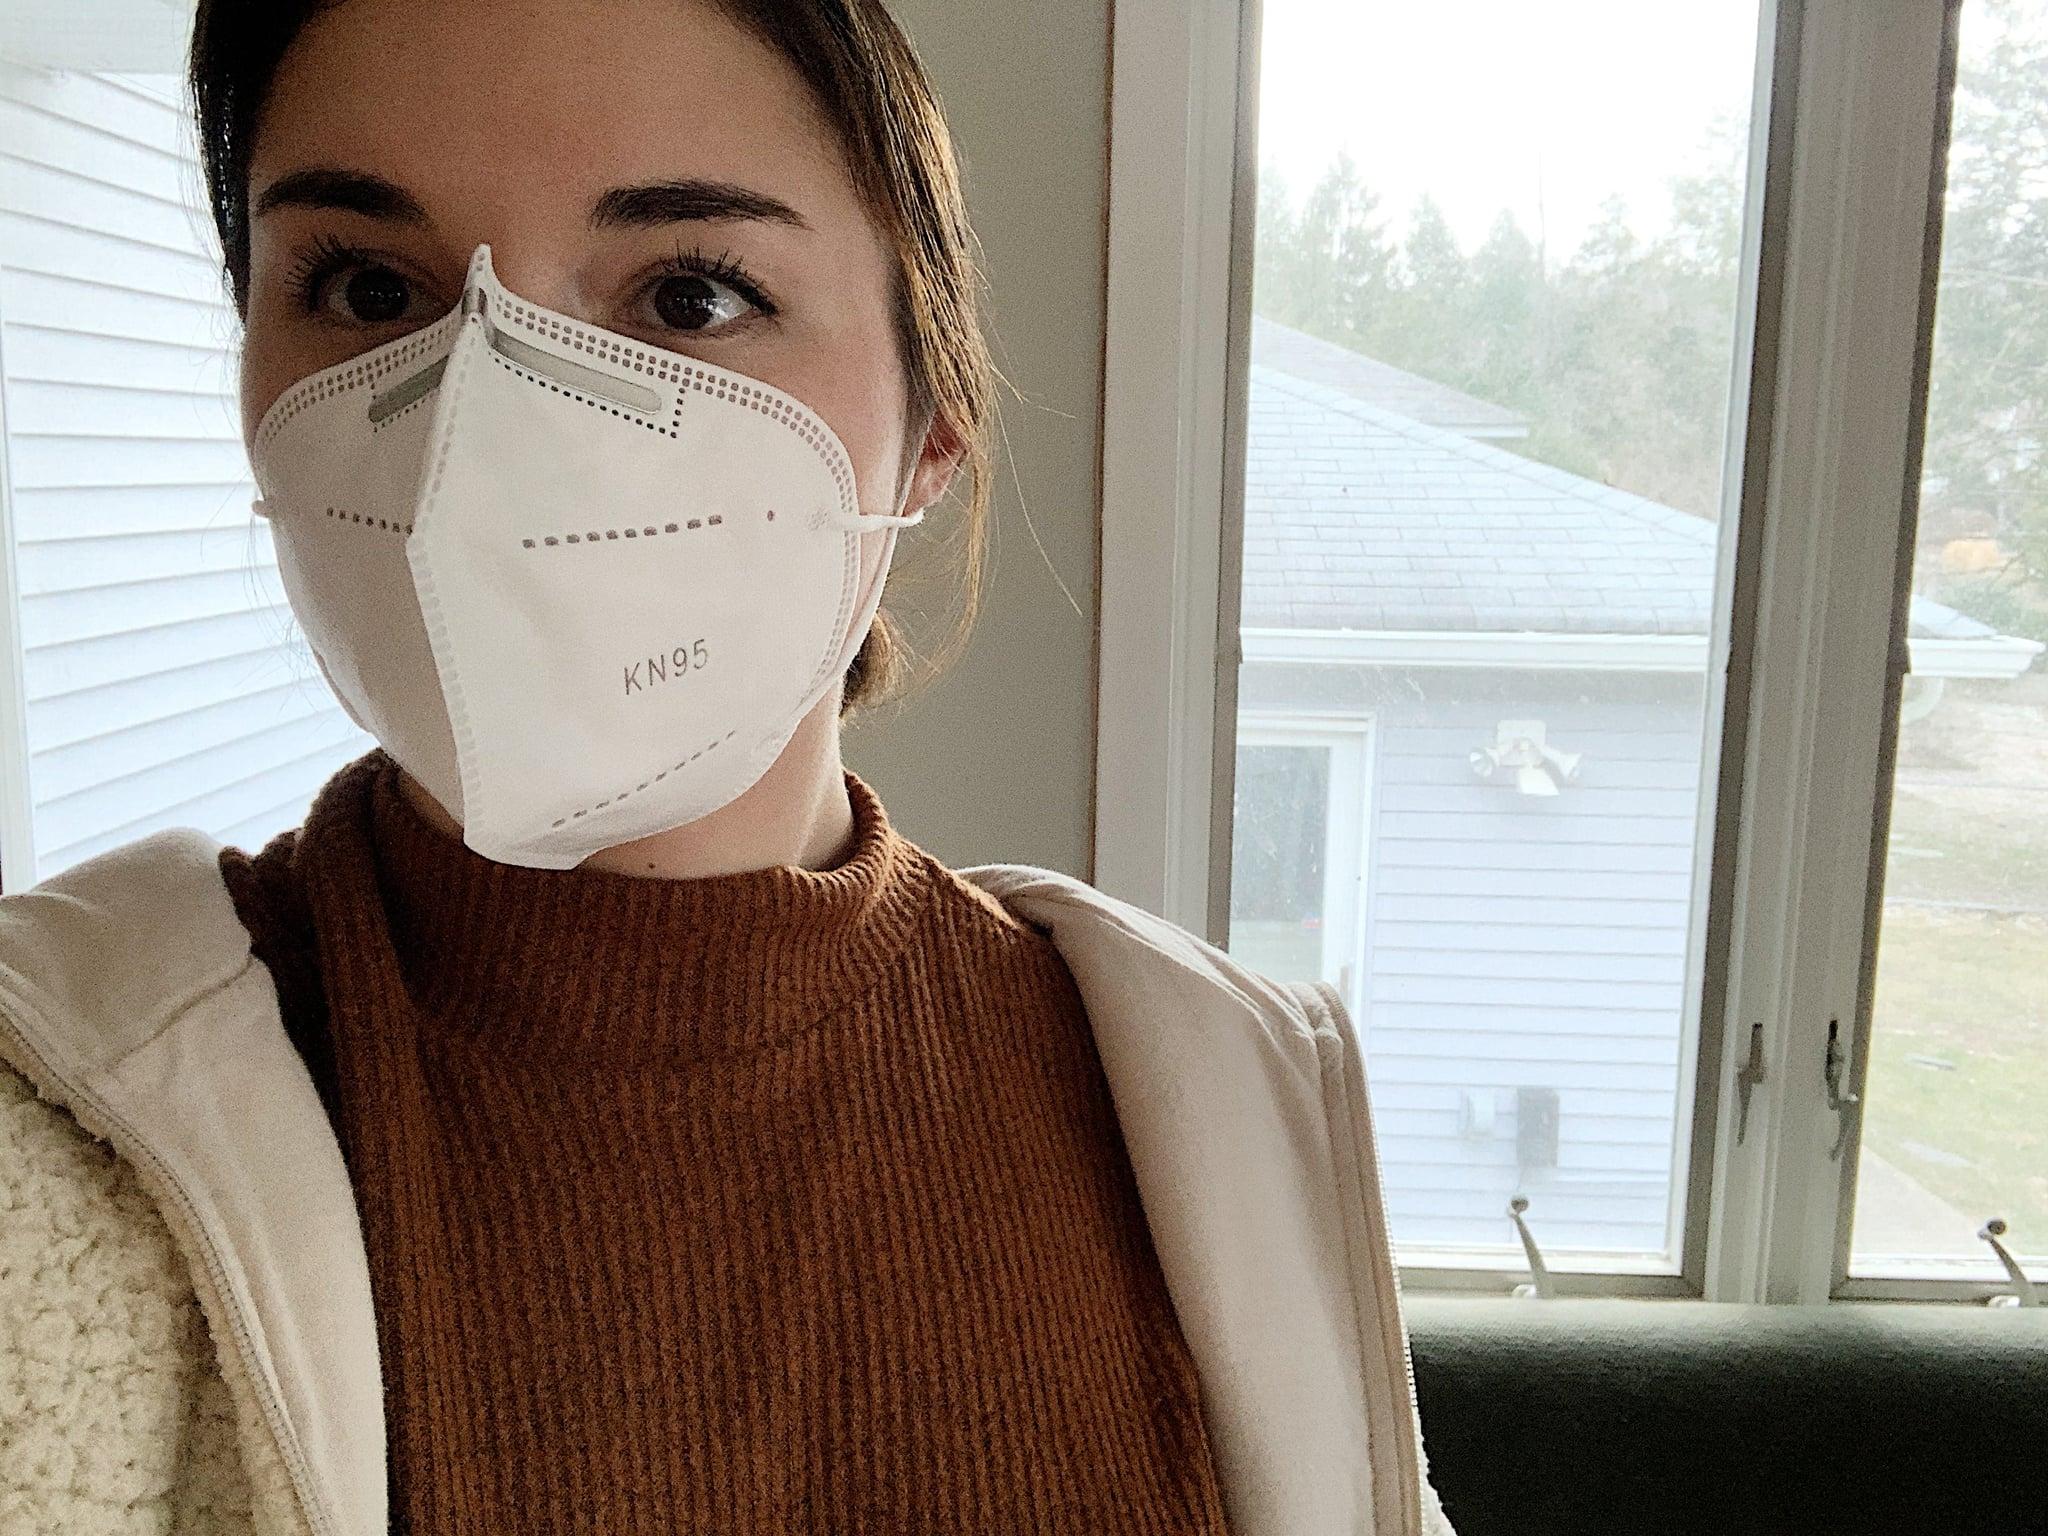 POPSUGAR editor wearing an KN95 mask